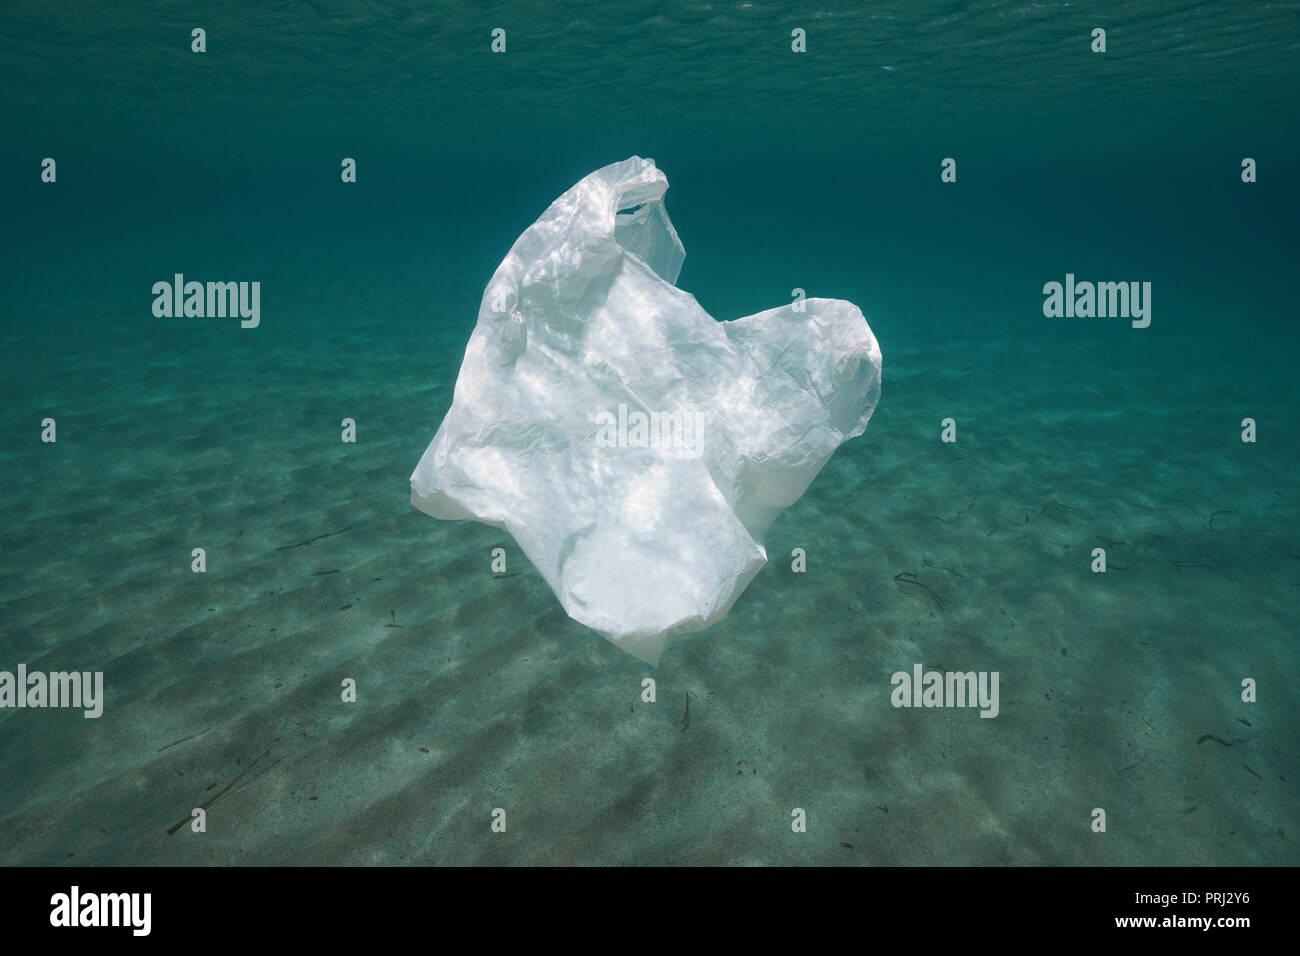 La pollution en plastique sous l'eau, un sac à la dérive dans l'océan Photo Stock